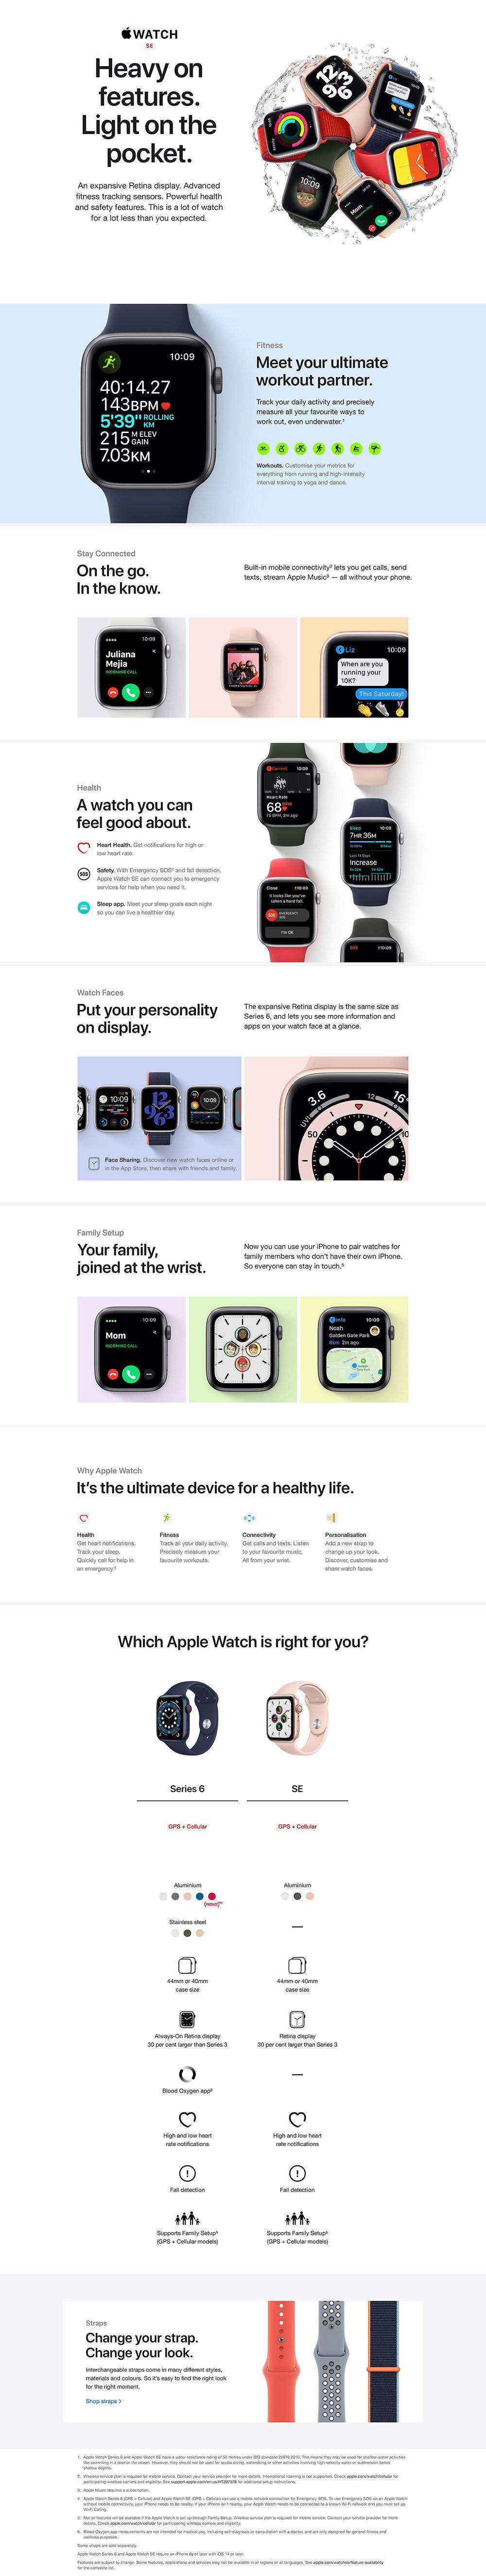 apple_watch-se-long-page.jpg